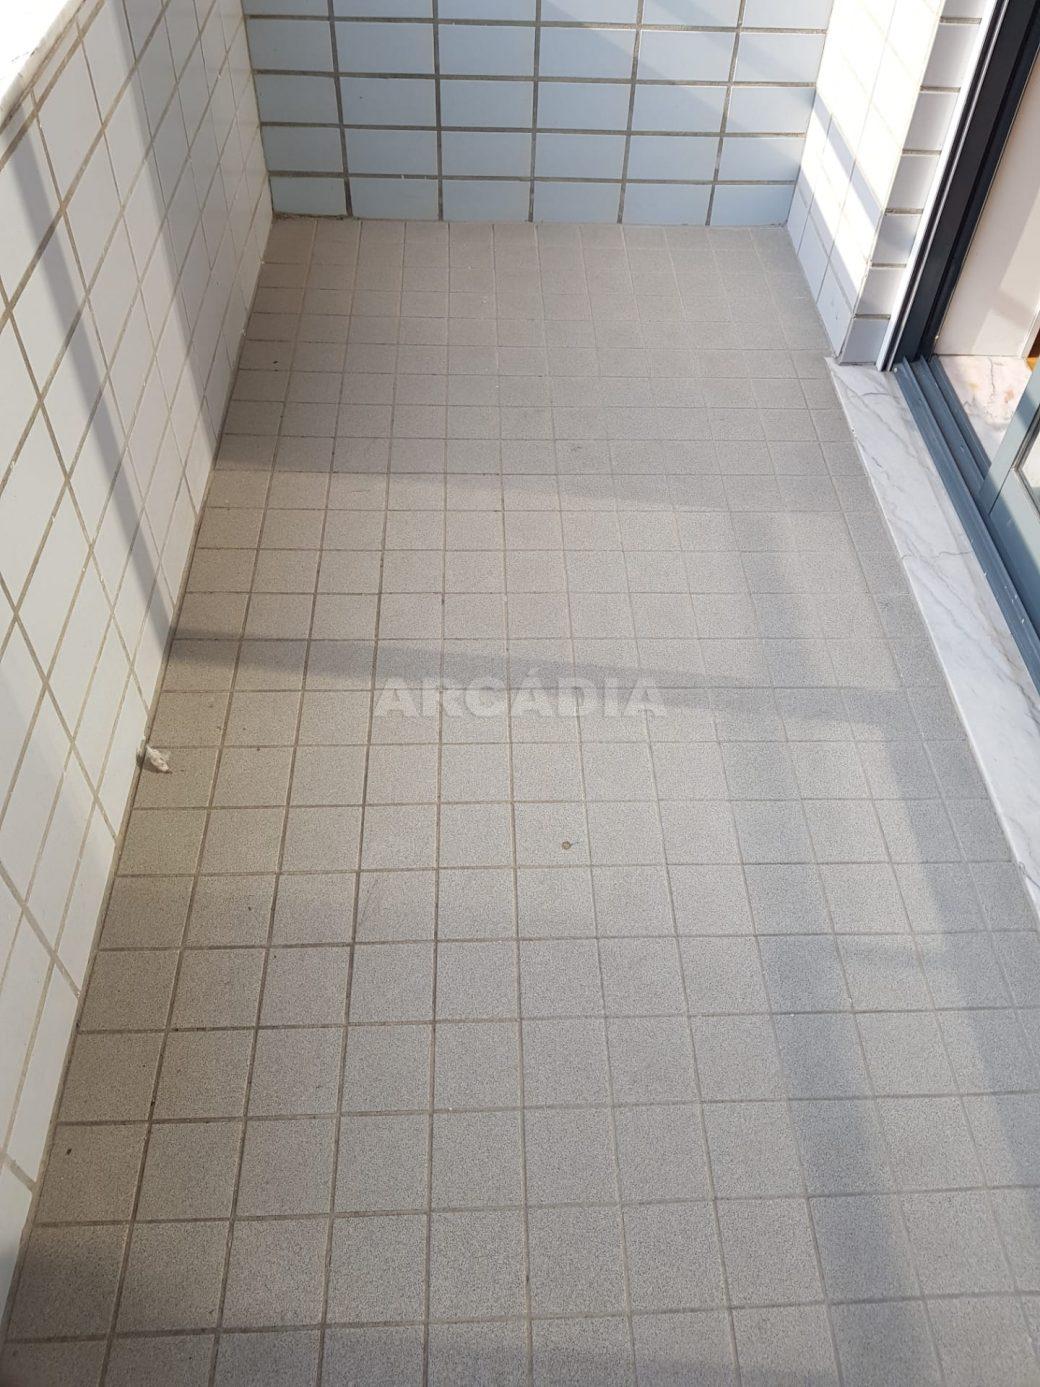 arcadia-imobiliaria-braga-sao-vitor-apartamento-moderno-central-com-garagem-16